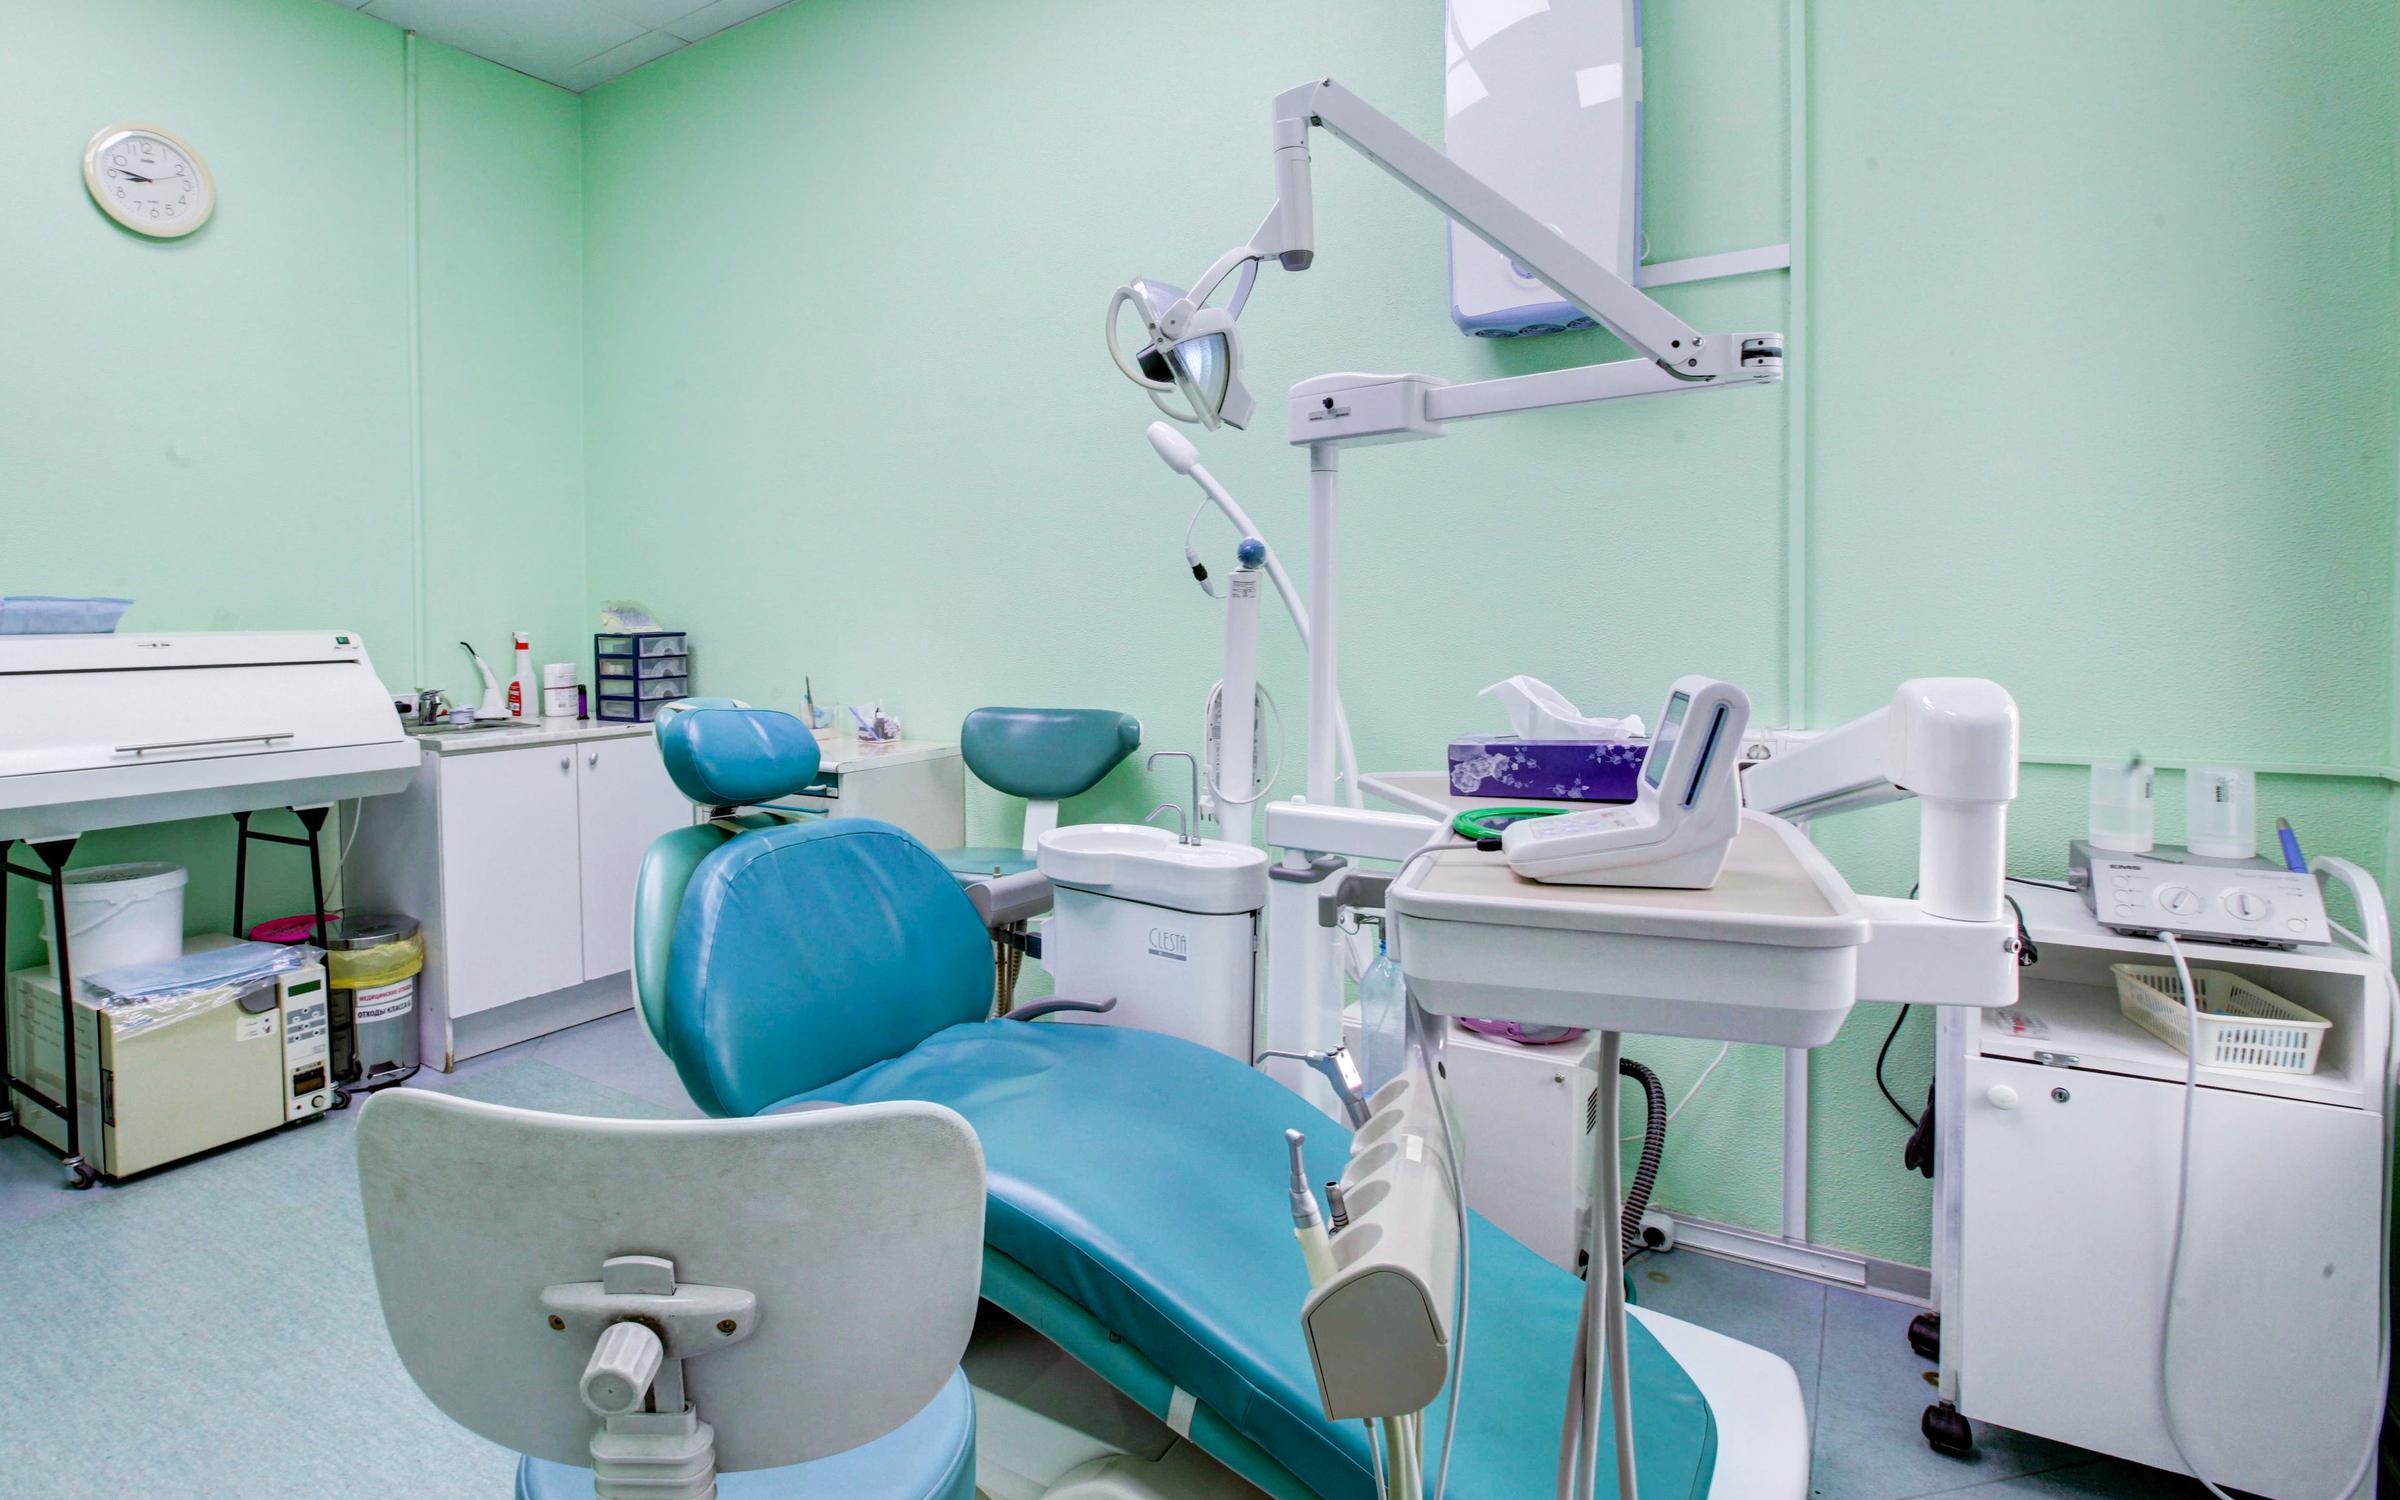 Работа зубной техник в москве район новокосино